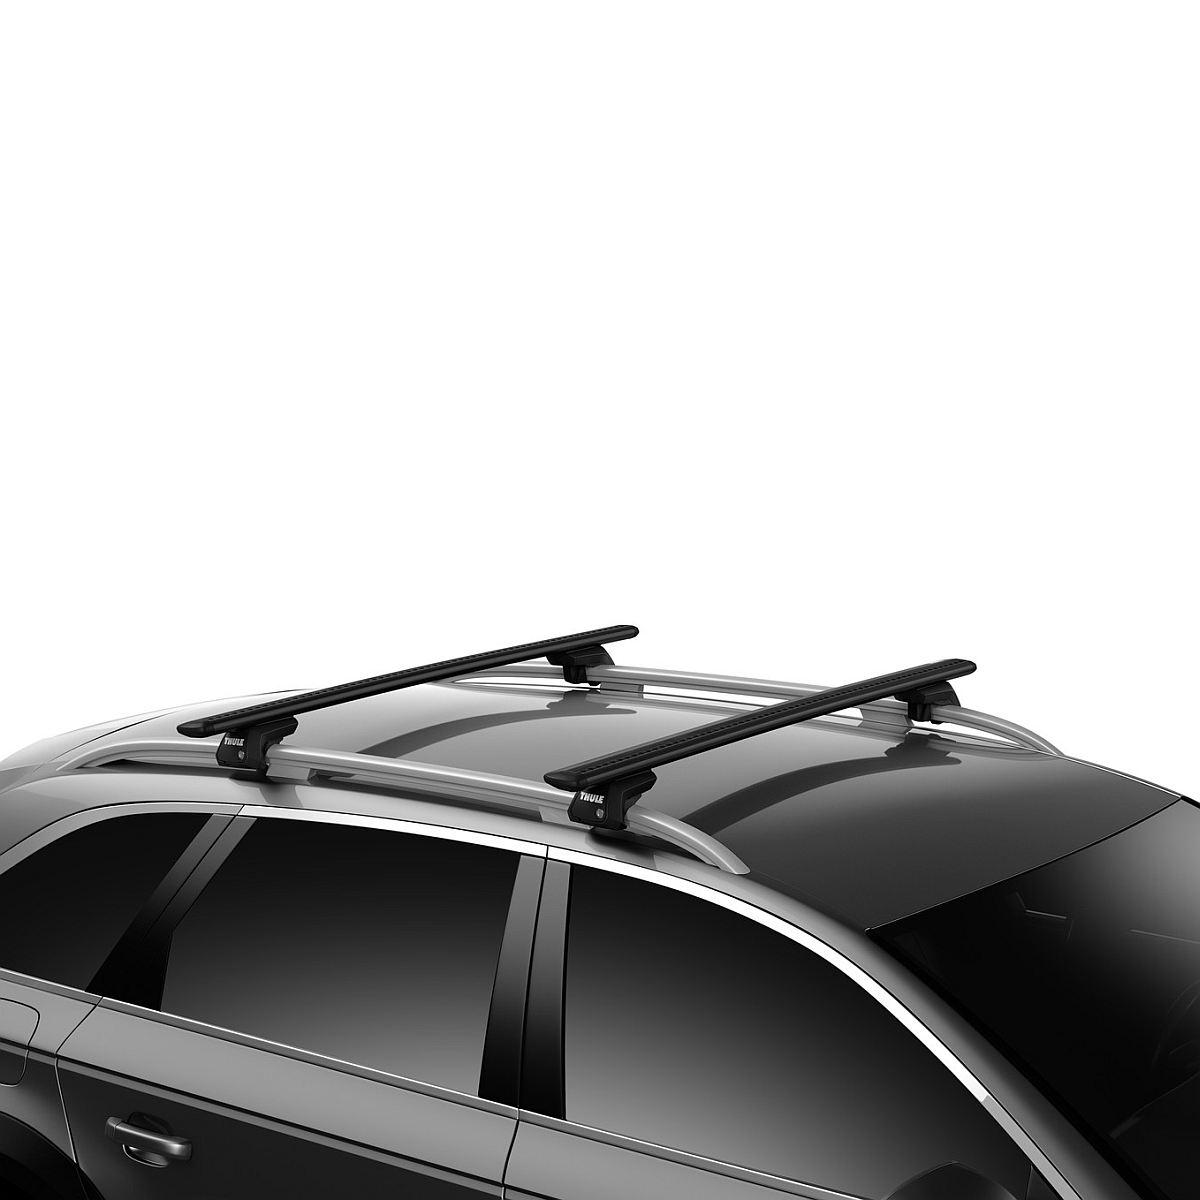 Напречни греди Thule Evo Raised Rail WingBar Evo 127cm в Черно за MERCEDES GL (X164) 5 врати SUV 06-12 с фабрични надлъжни греди с просвет 5